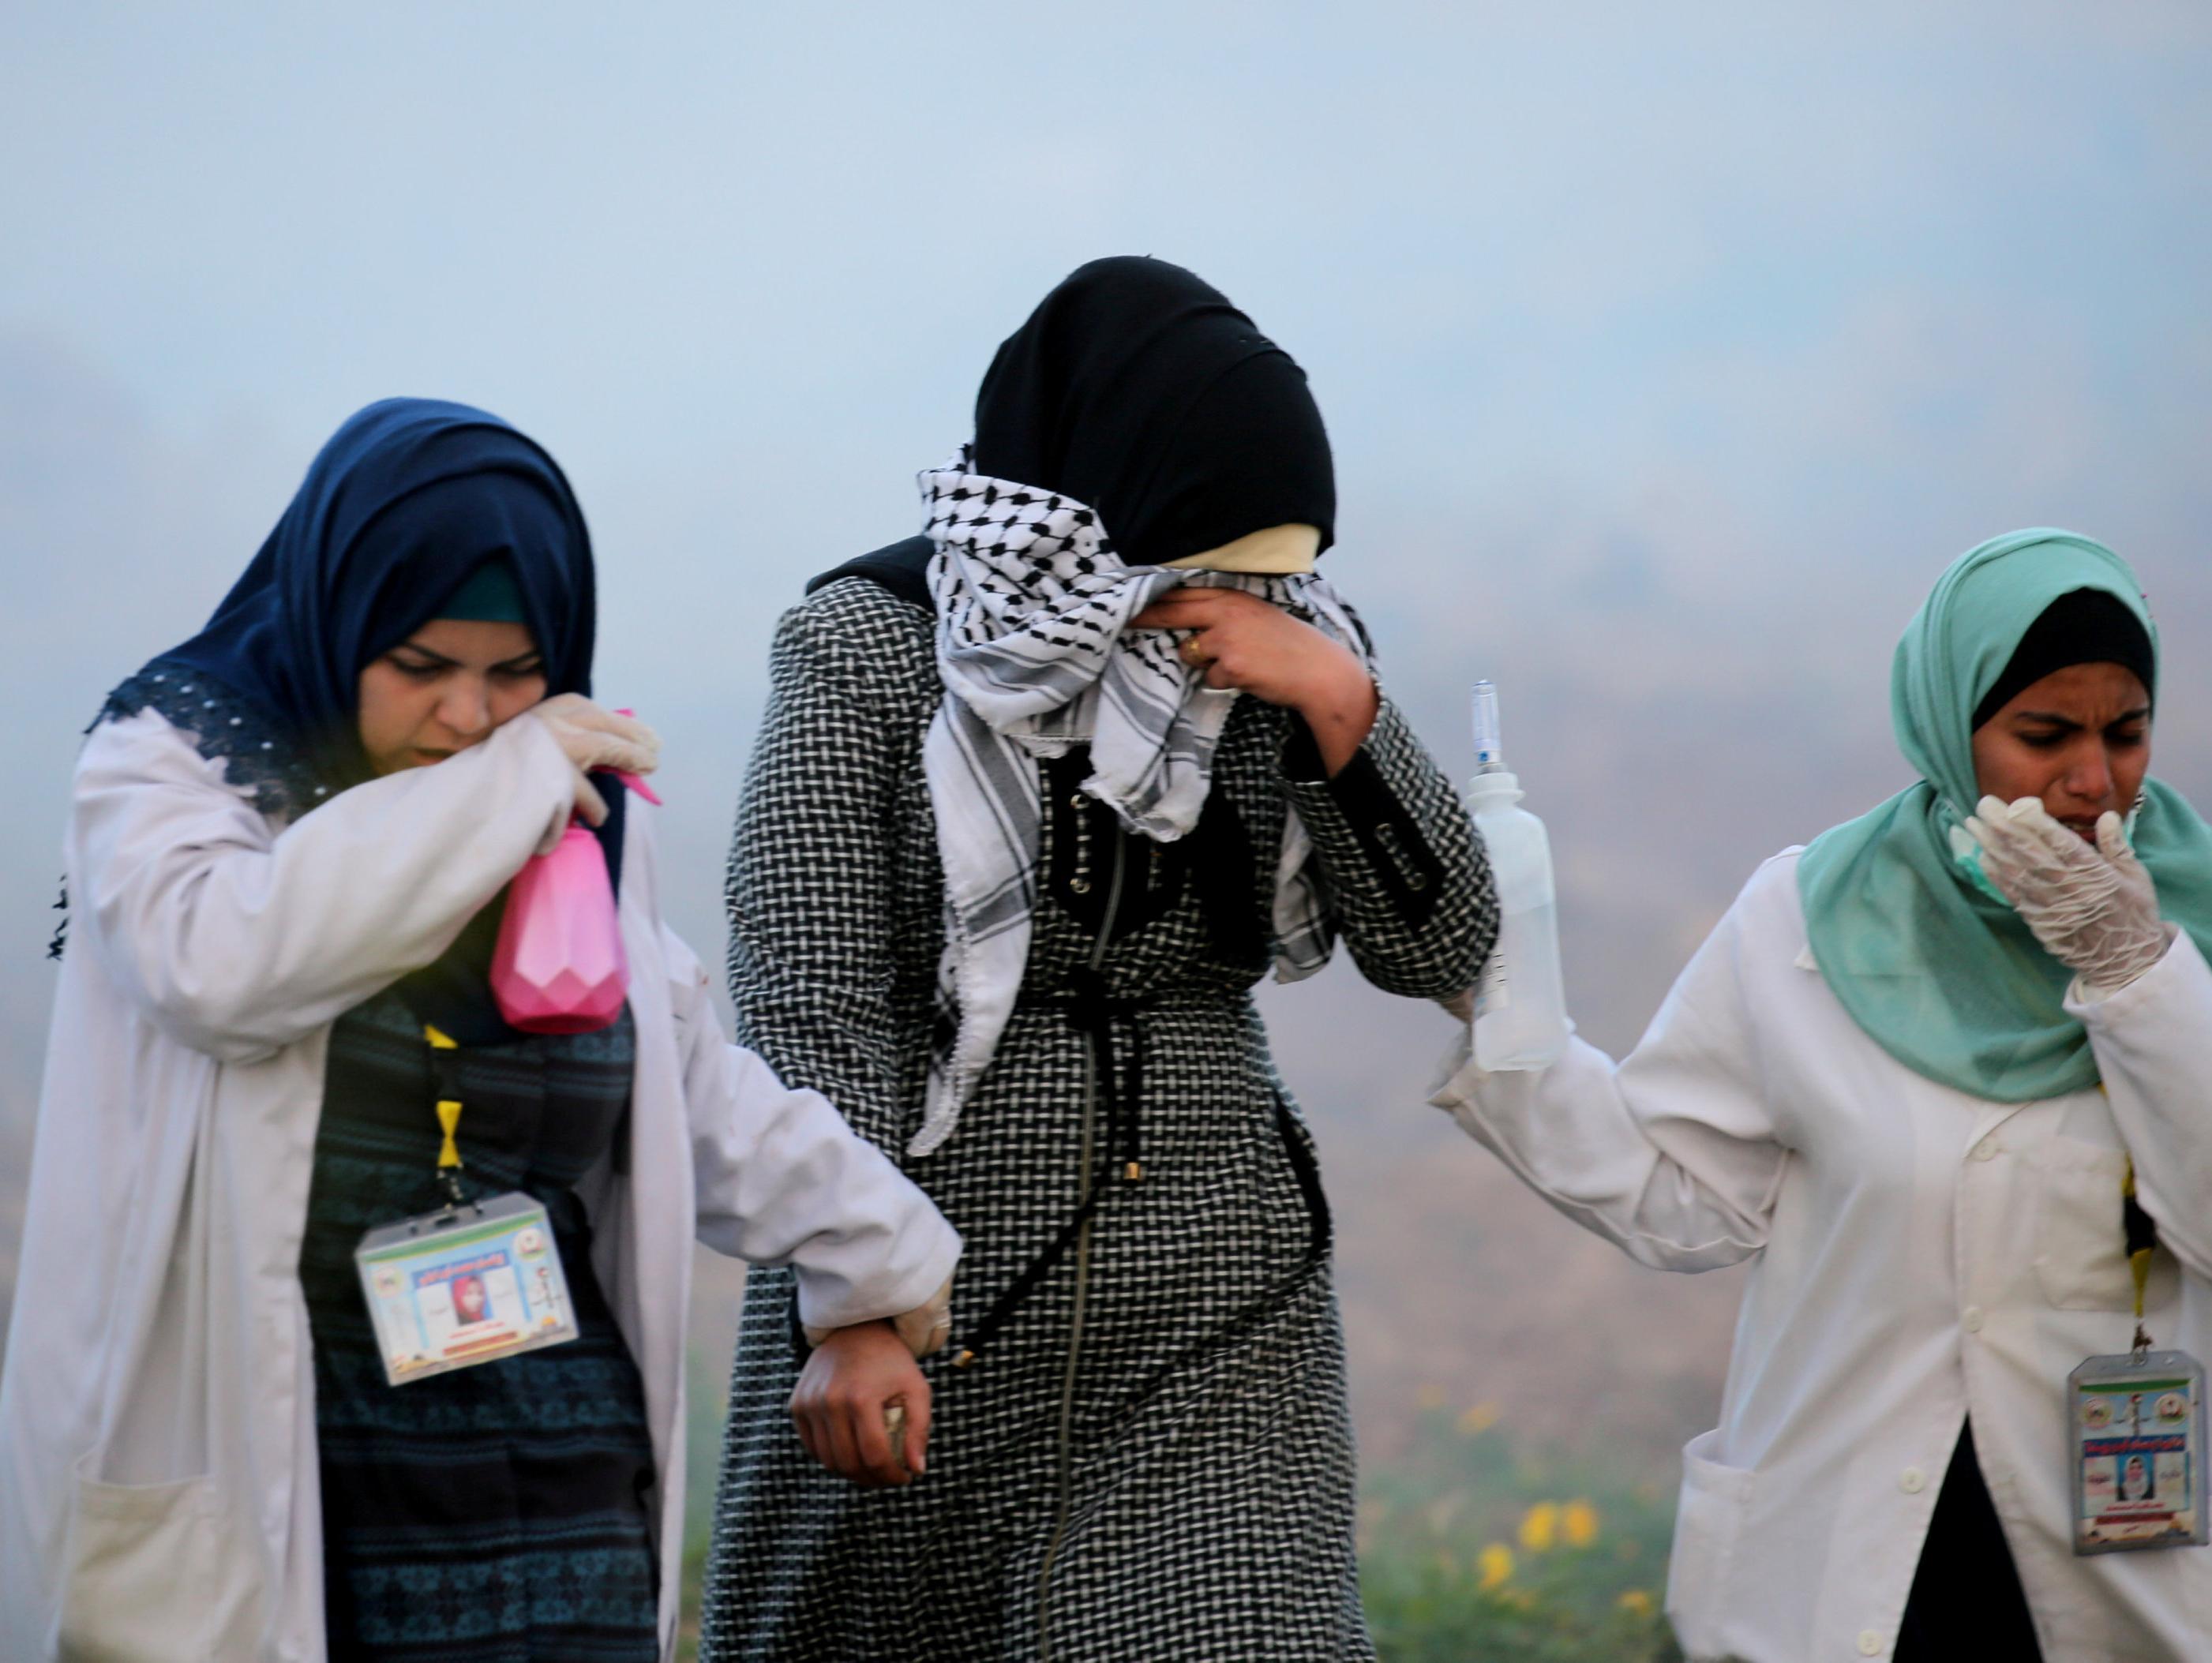 ברקע המגעים מול חמאס: אלפי מפגינים בגבול רצועת עזה